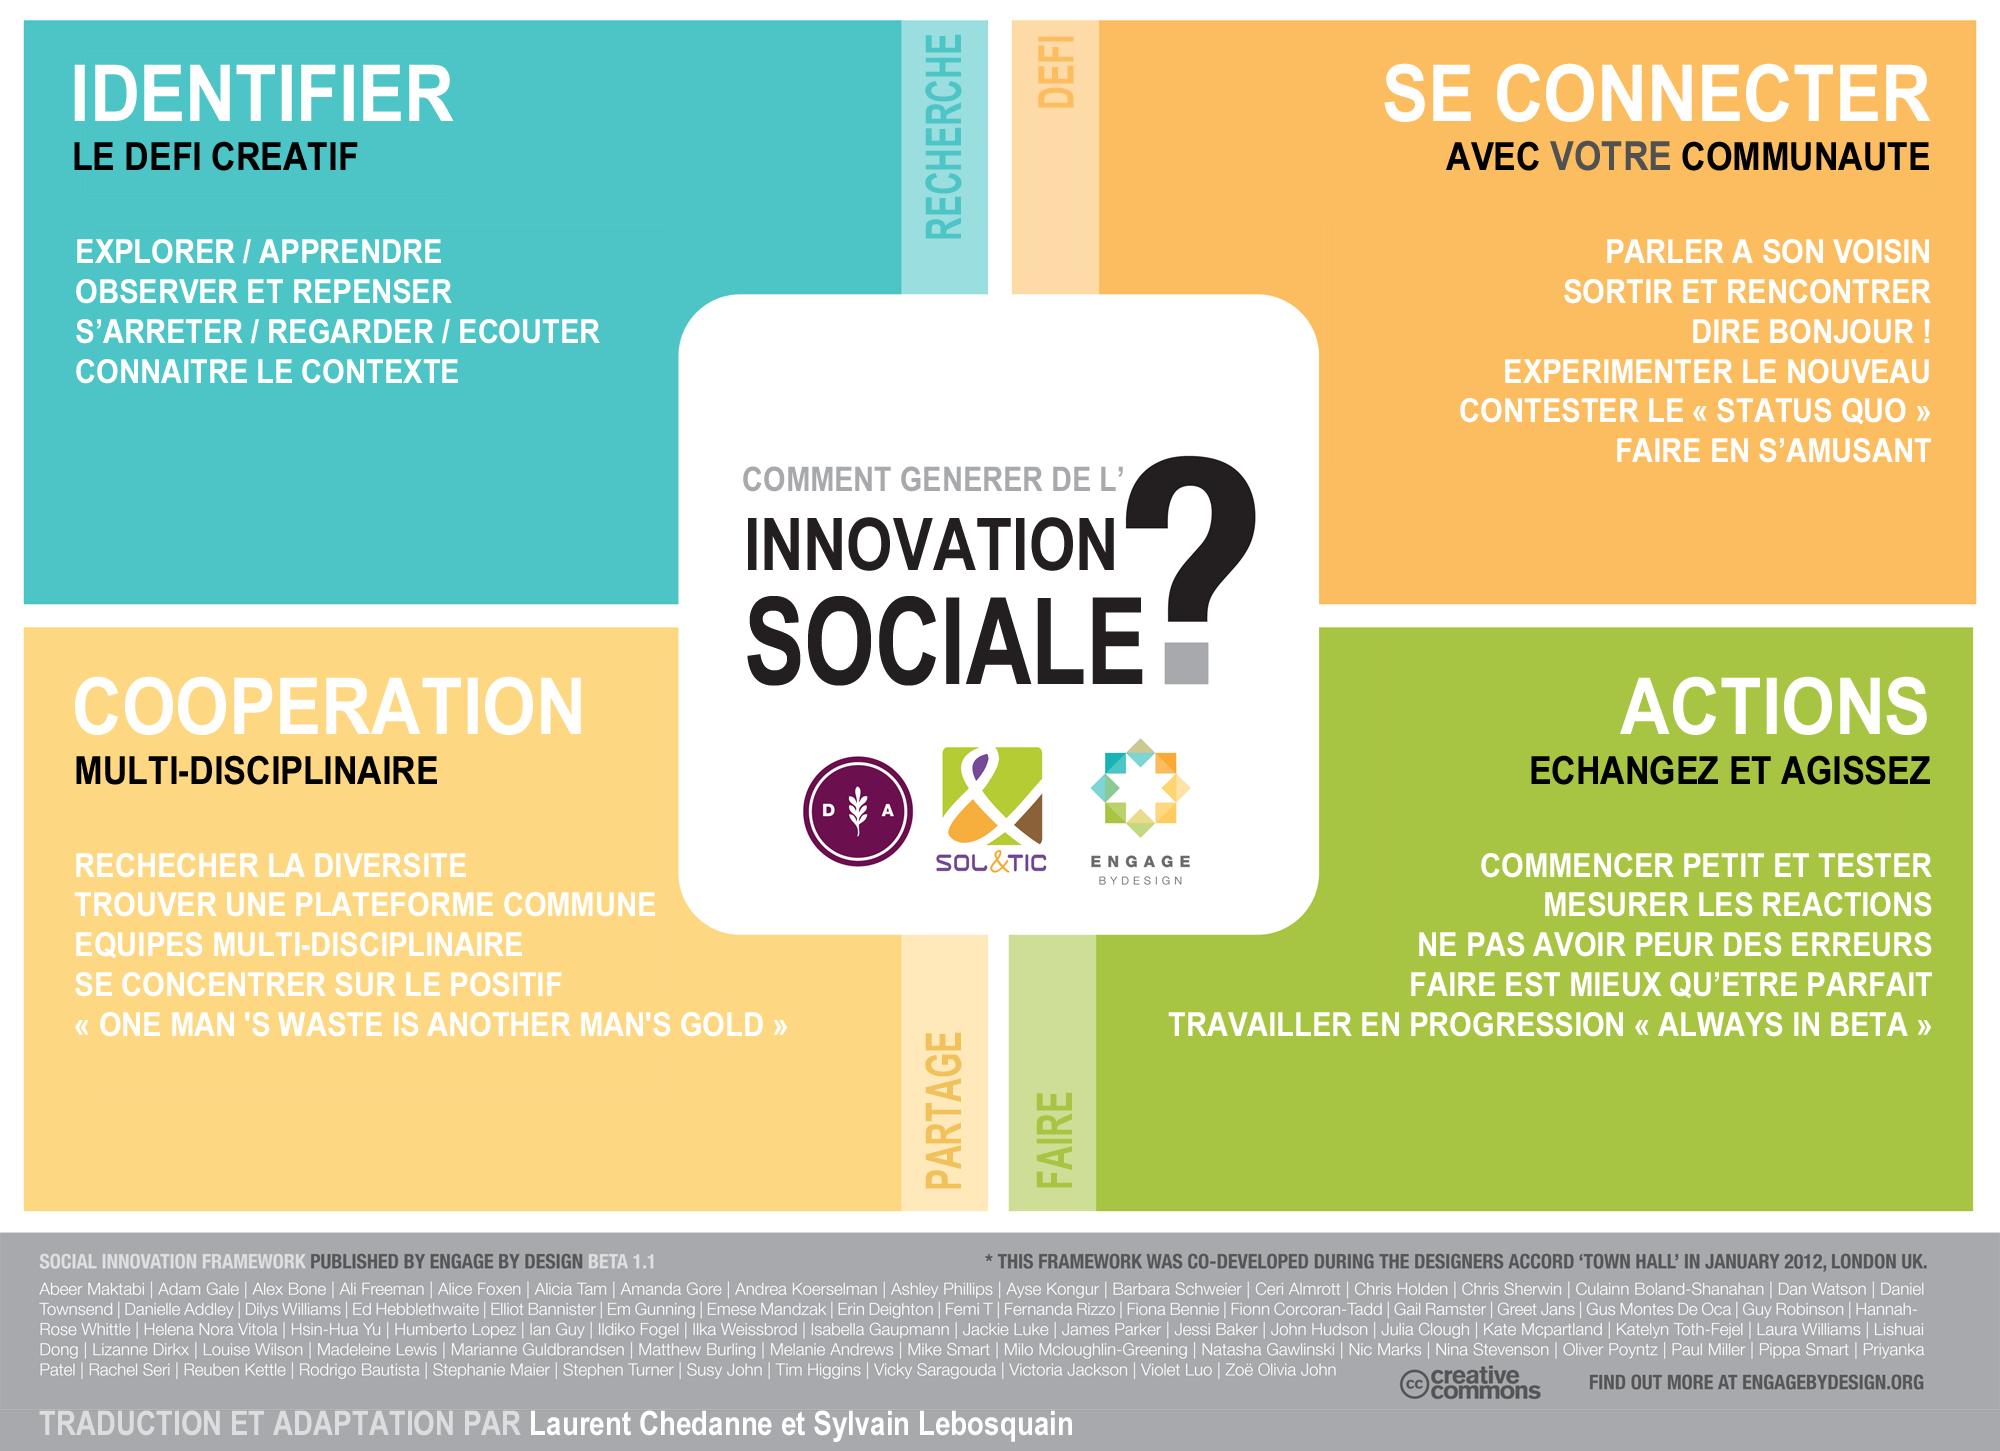 Comment générer de l'innovation sociale